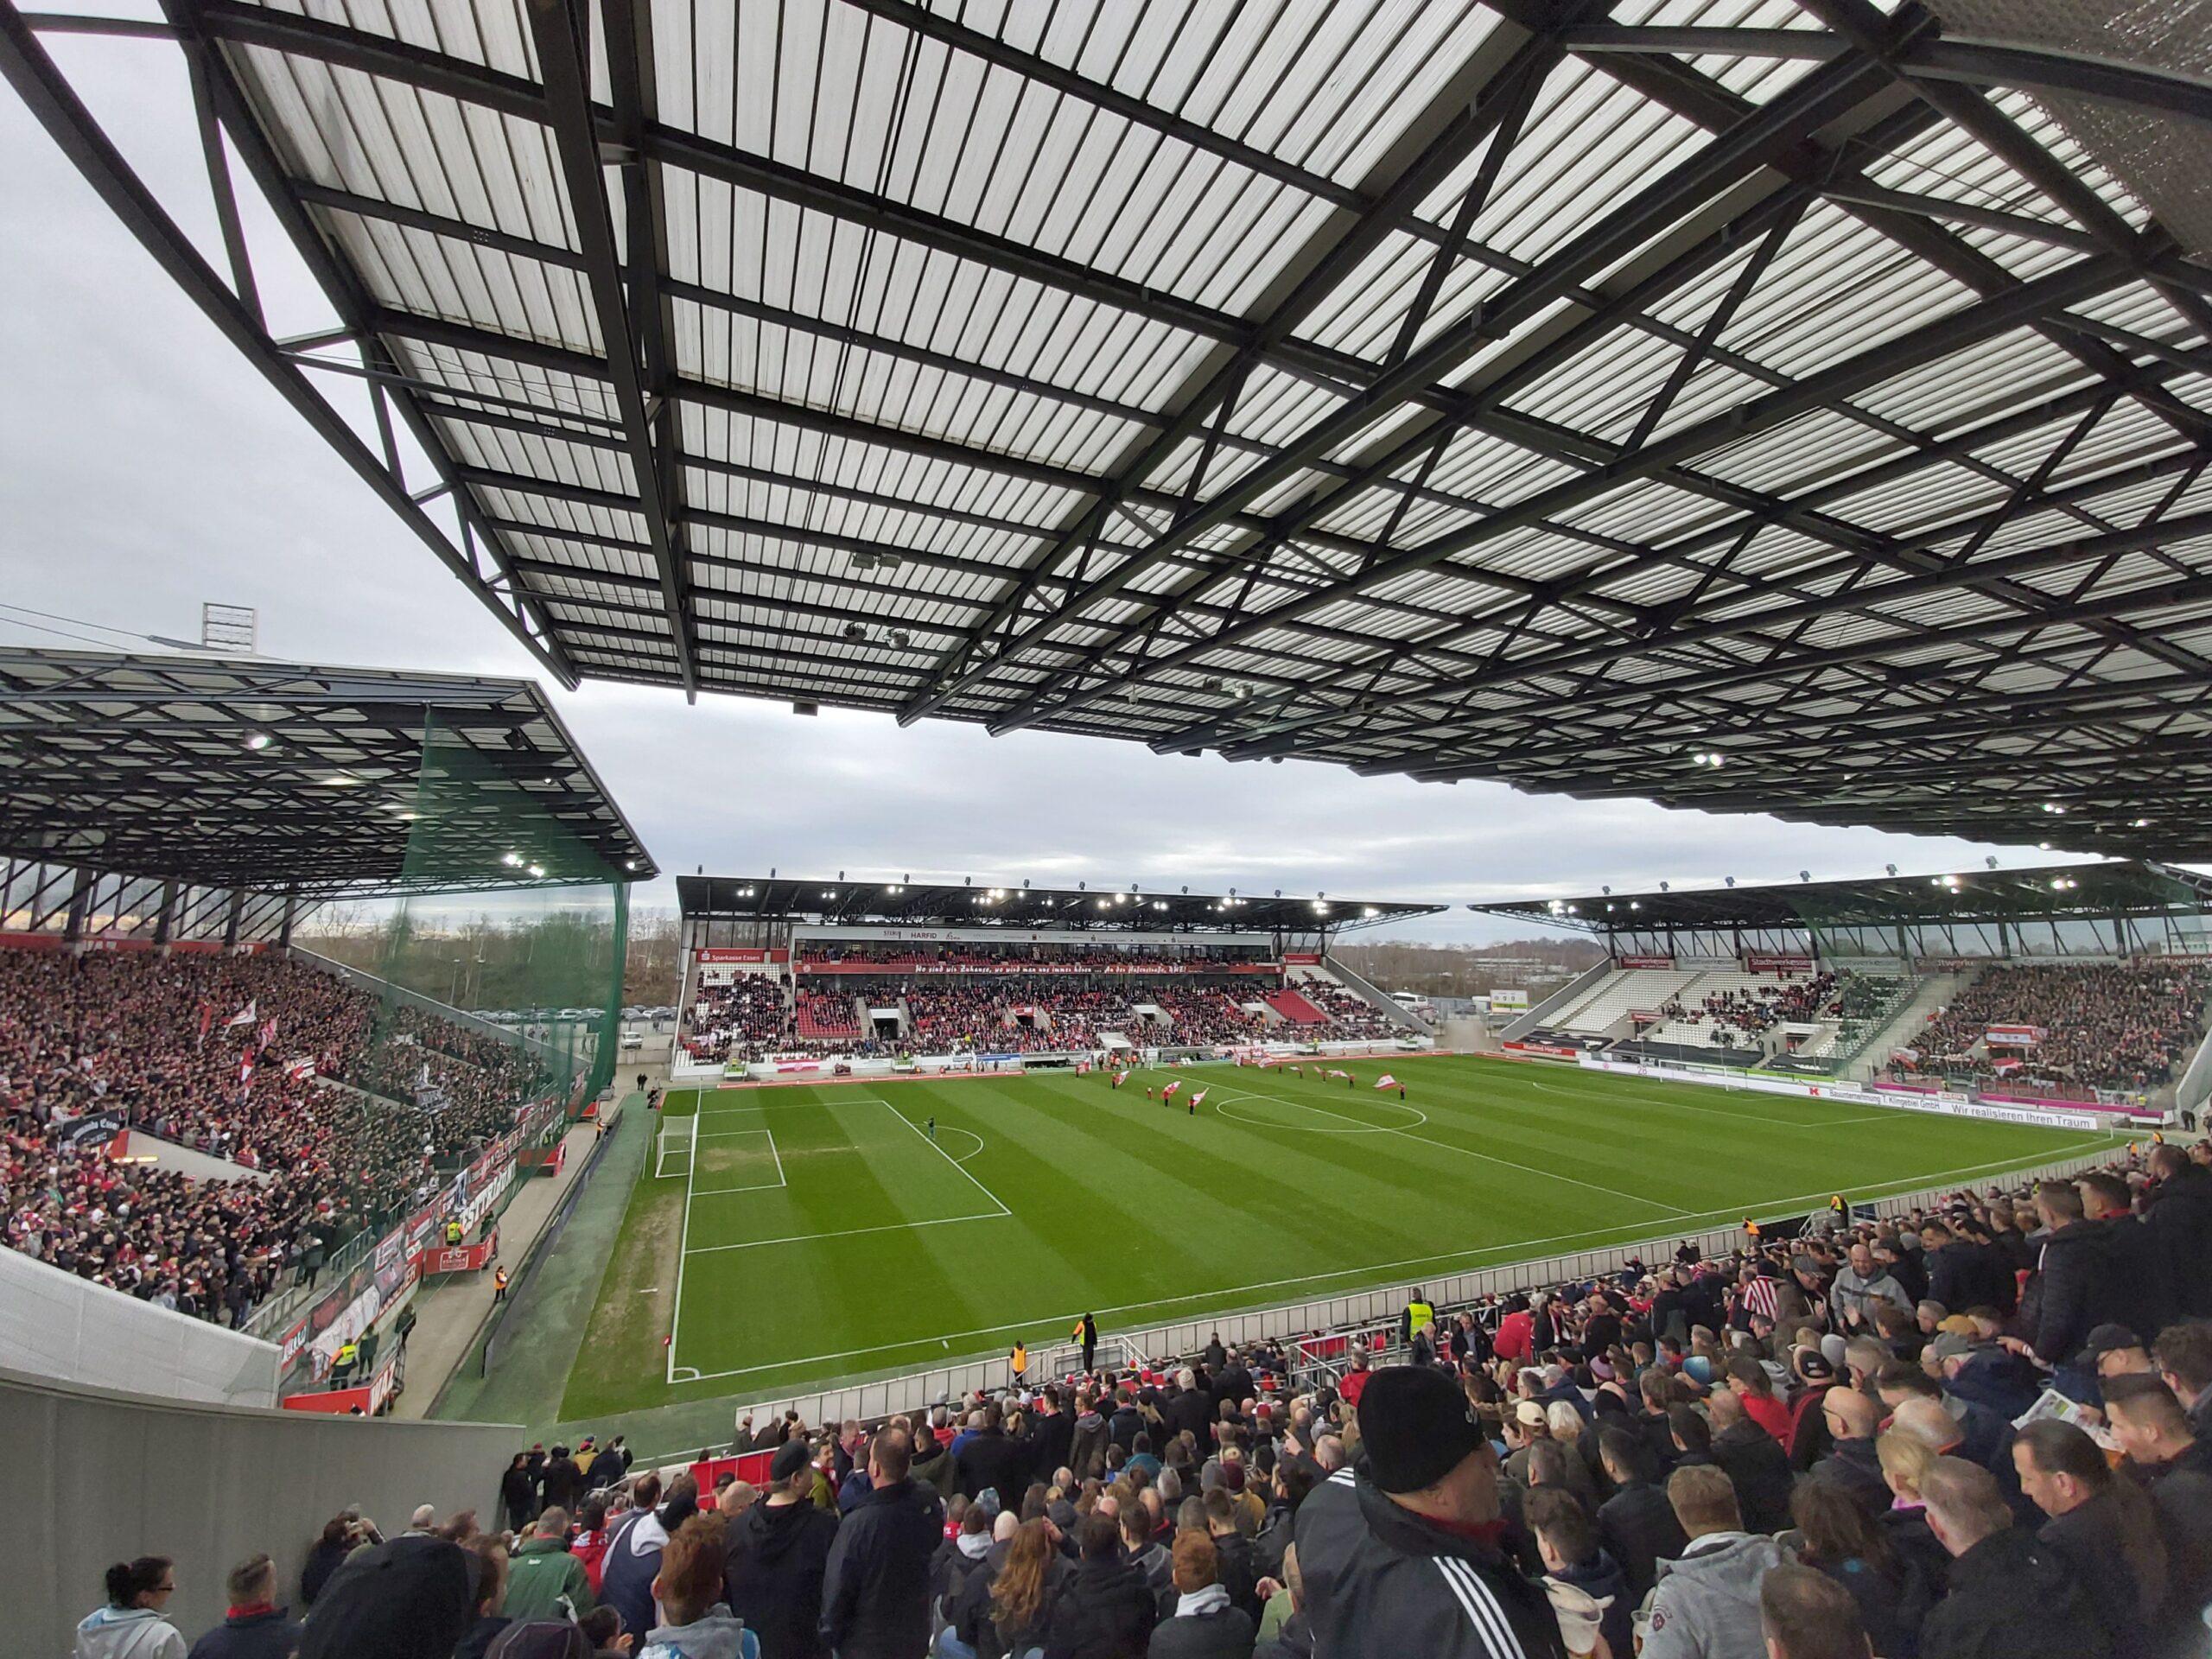 In de Hekken - Rot-Weiss Derby - Rot-Weiss Essen & Rot-Weiss Oberhausen